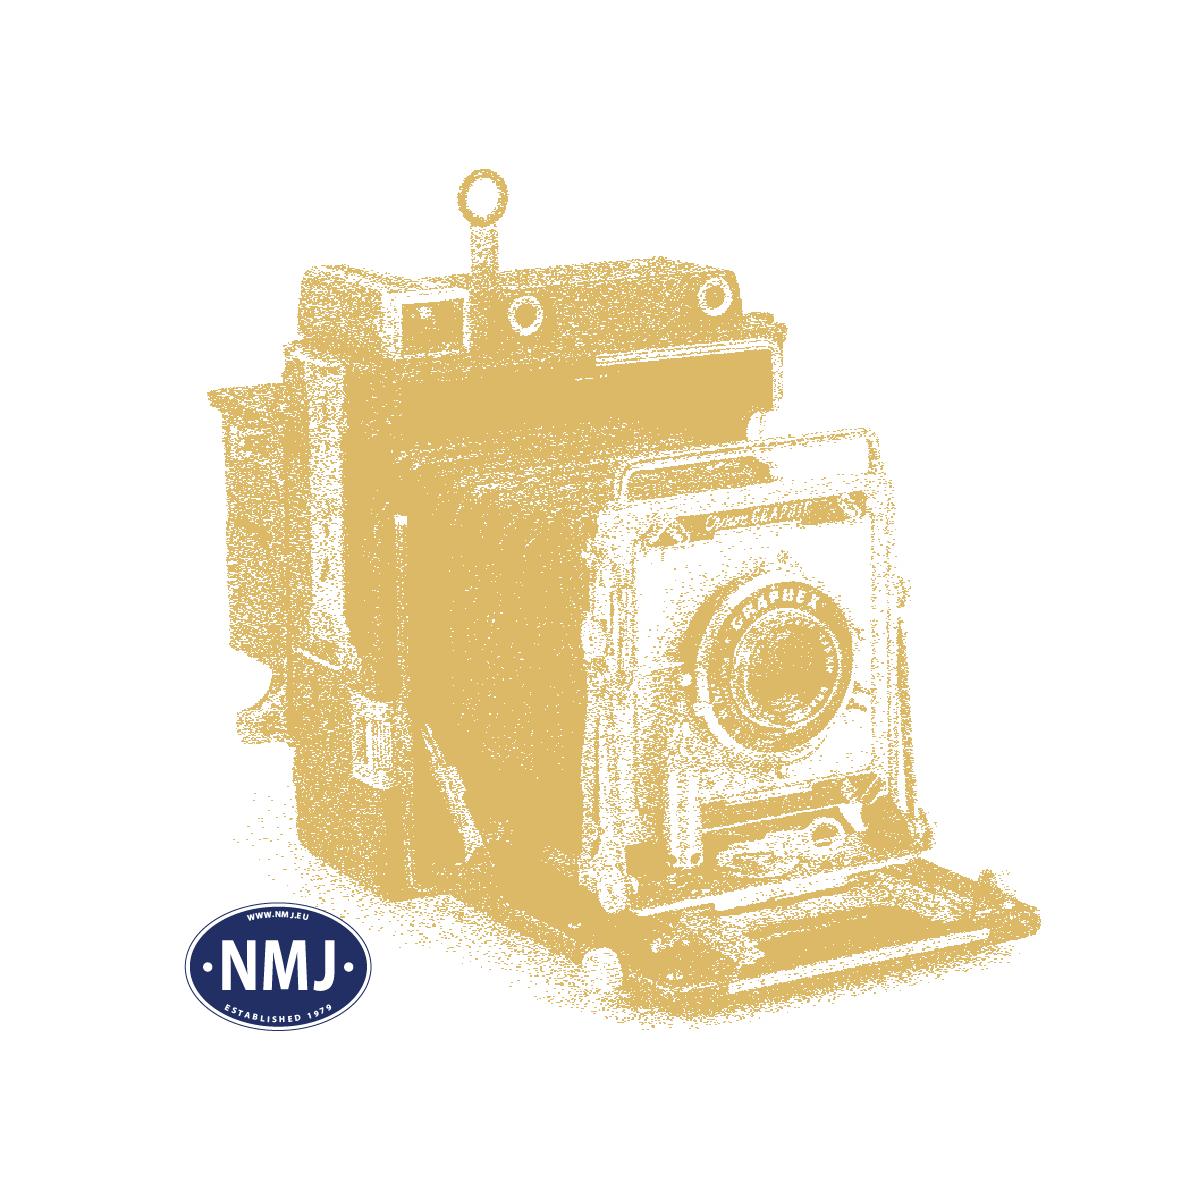 NMJT9905 - NMJ AC Achsen, 2 Paare (4 Achsen)